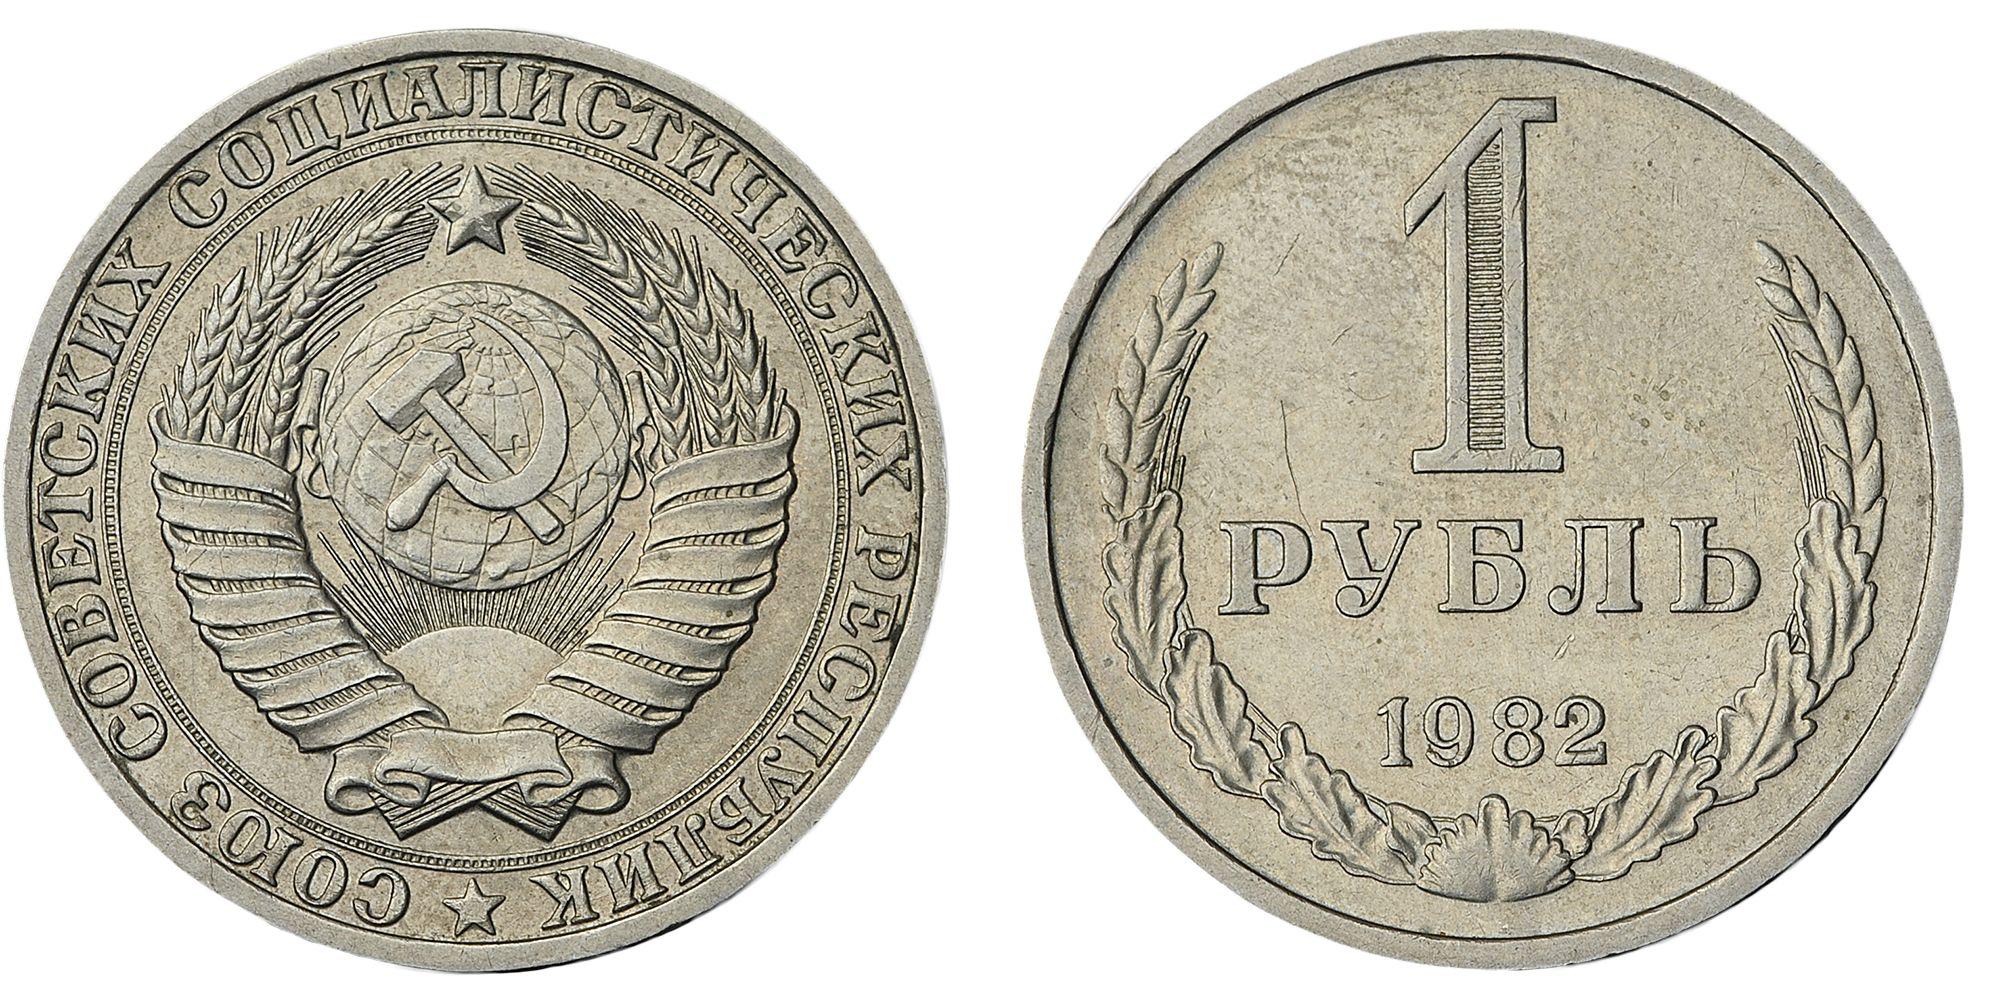 Аукцион империя монет биография индилы